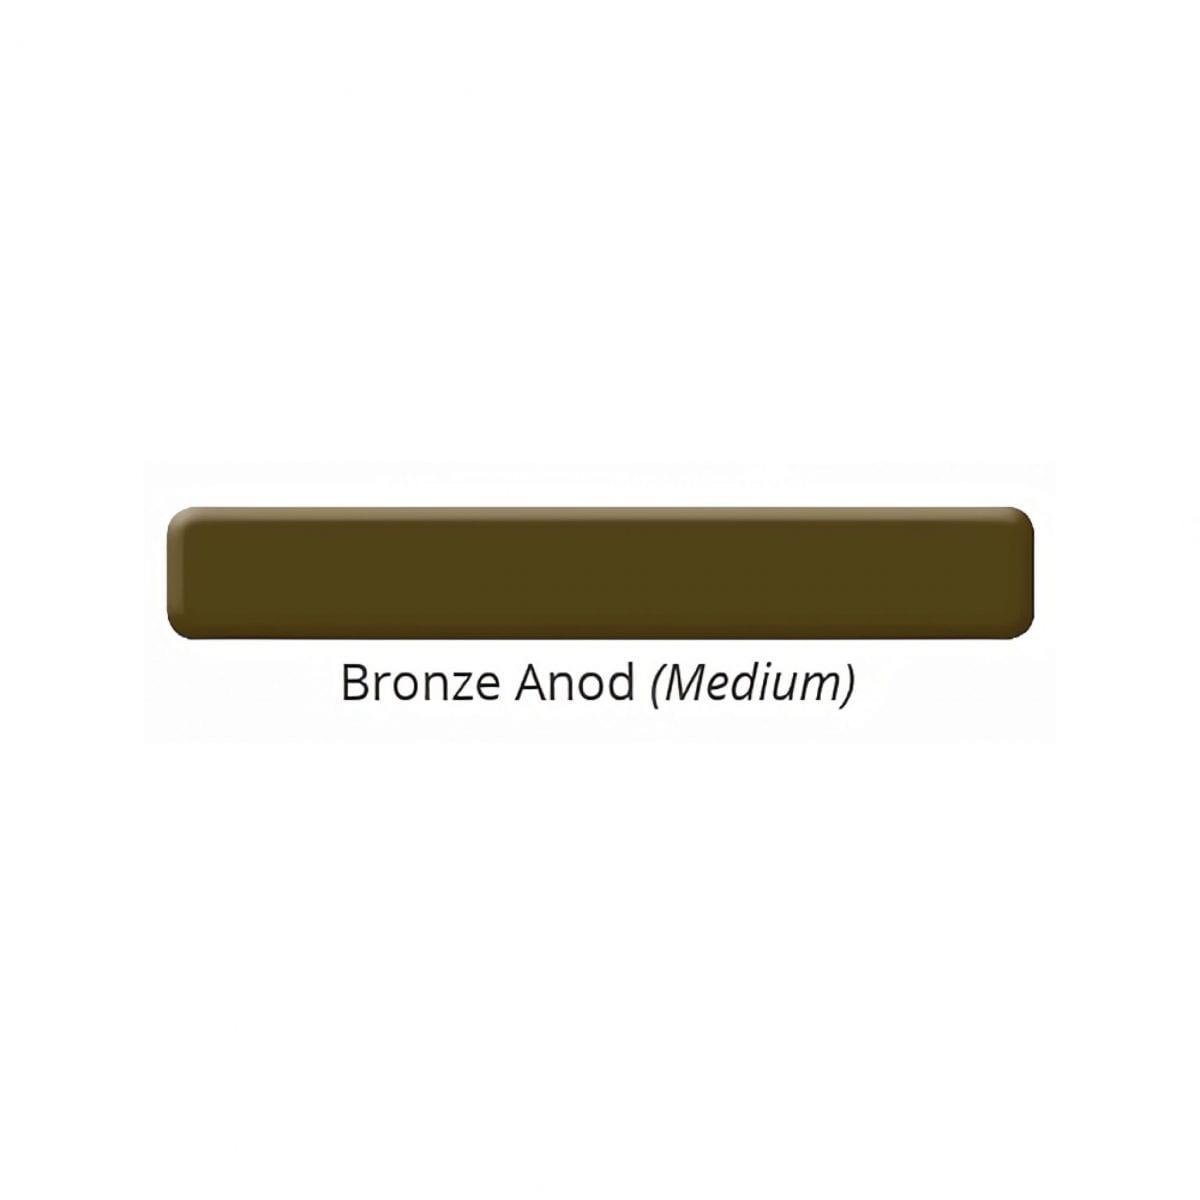 Bronze Anod (Medium) color